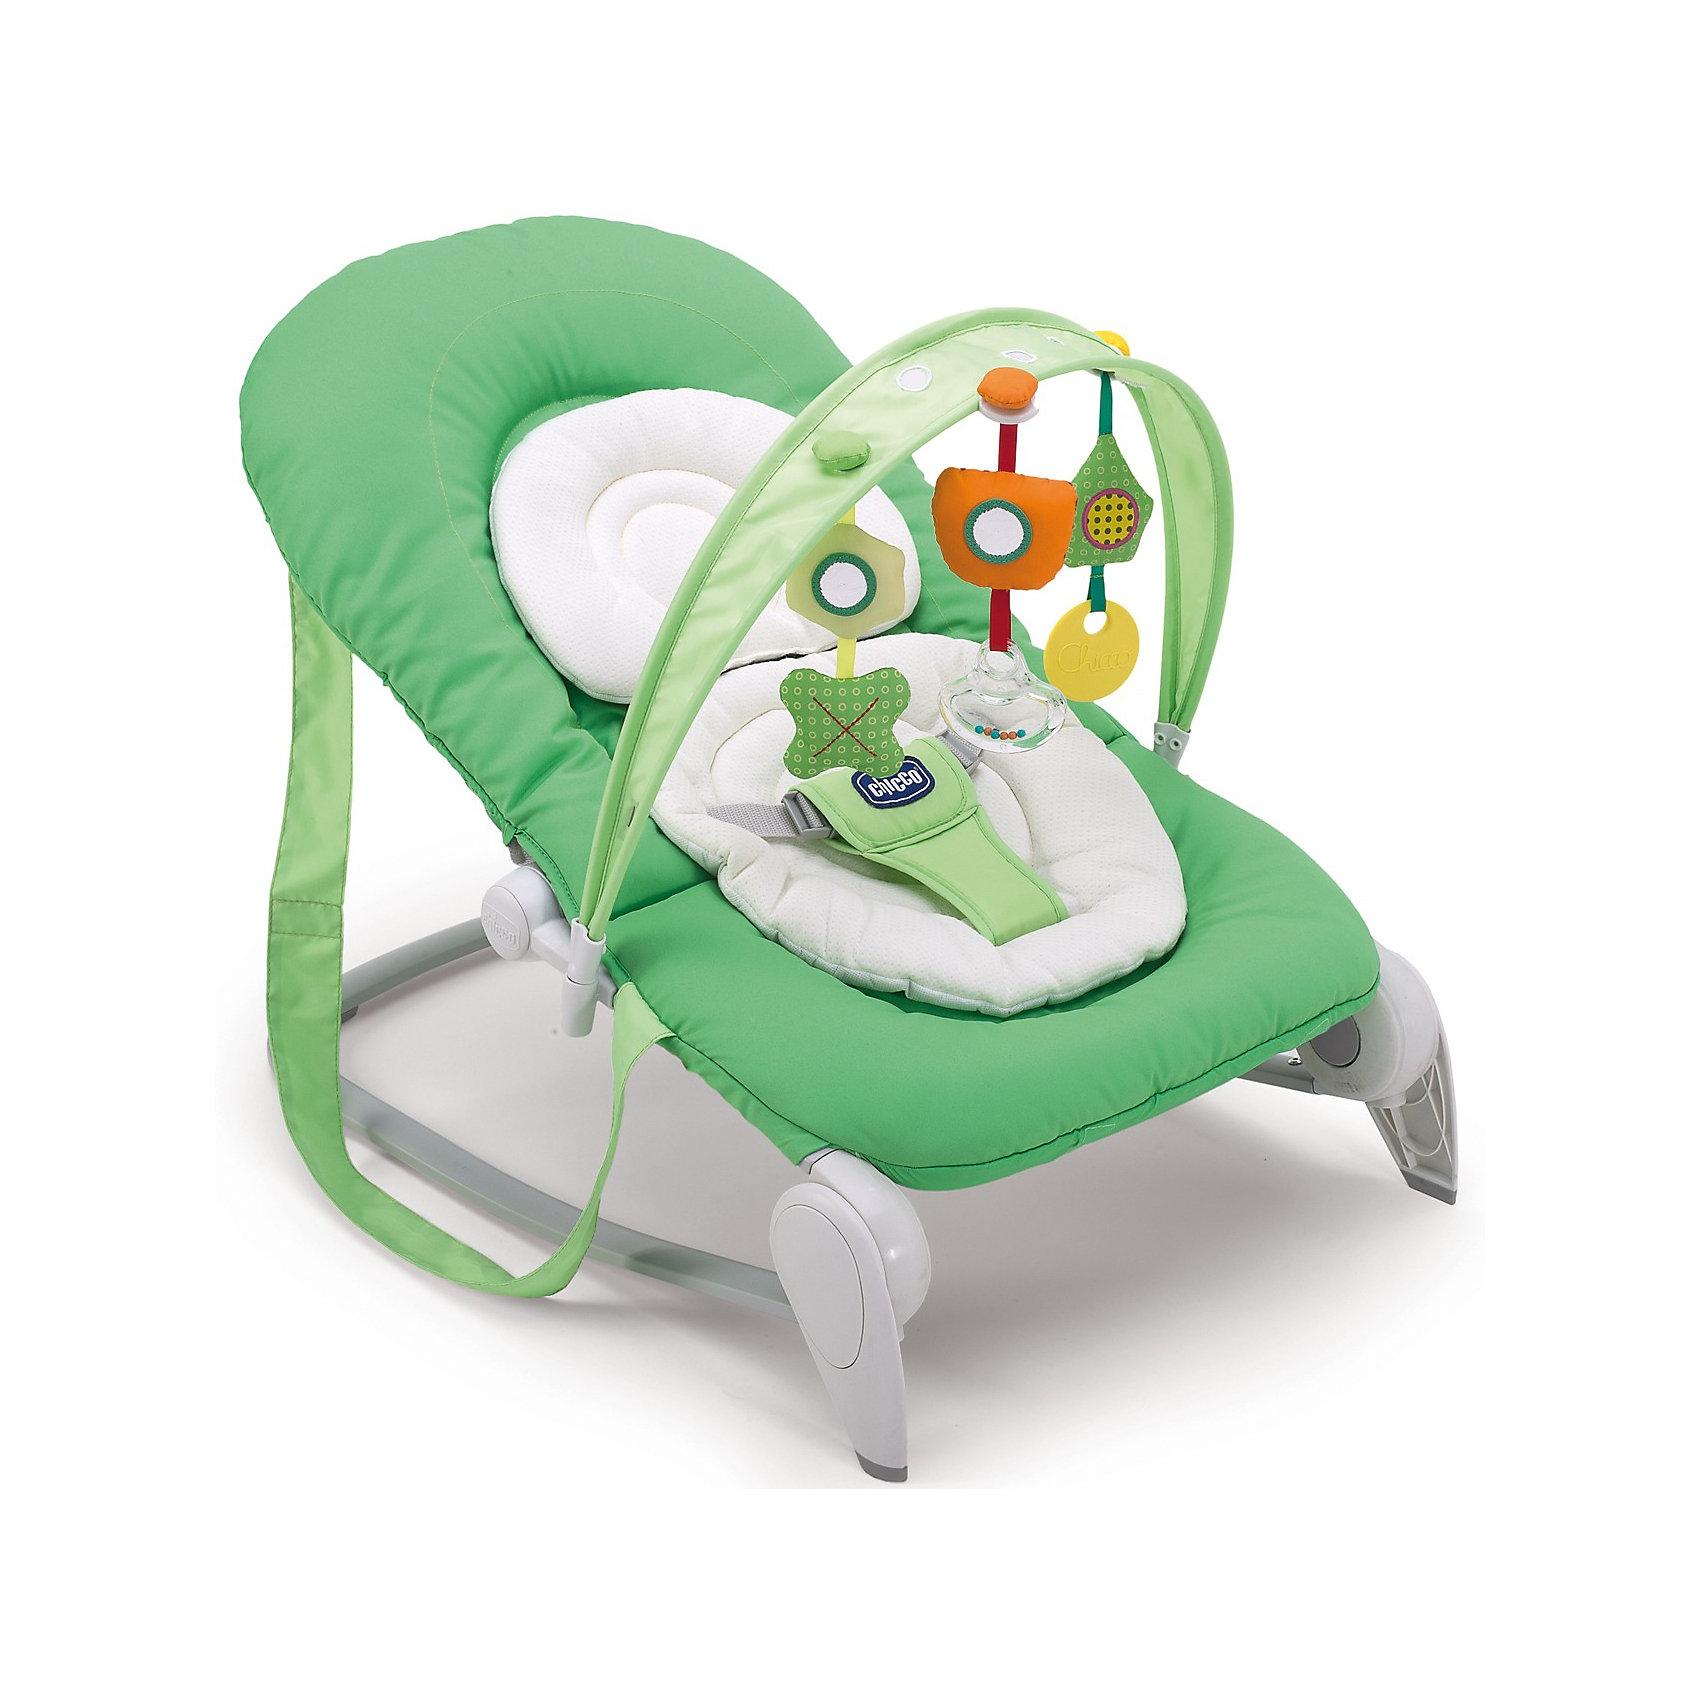 Шезлонг Hoopl? Greenland, ChiccoШезлонг Hoopl? Greenland, Chicco это легкое и удобное кресло-качалка для детей с рождения до 9 кг. (6 месяцев). Анатомическая конструкция кресла обеспечивает малышам правильное положение. Мягкое широкое сиденье со съемной моющейся подкладкой создает ребенку оптимальный комфорт. Спинка сиденья фиксируется с помощью боковых кнопок в четырех положениях, позволяя выбрать подходящее. Подголовник регулируется по высоте ребенка. Кресло можно легко зафиксировать в статичном положении, либо трансформировать его в кресло-качалку. Ребенок надежно удерживается в кресле при помощи мягкого трехточечного ремня безопасности. <br><br>Для развлечения малыша к шезлонгу можно прикрепить съемную подвеску с тремя забавными игрушками, которые будут способствовать двигательной активности, тактильному и сенсорному развитию. Благодаря системе Slide Line игрушки можно перемещать вдоль арки, что несомненно понравится малышу. Кресло-качалка легко складывается, не занимает много места при хранении. Чехол из ткани легко снимется и стирается при комнатной температуре. Максимальный вес ребенка - 9  кг.<br><br>Дополнительная информация:<br><br>- Цвет: зеленый.<br>- Материал: сталь, полипропилен, полиуретан, текстиль, нейлон.<br>- Возраст: 0-6 мес.<br>- Размер в разложенном виде: 78 х 43 х 62 см.<br>- Размер в сложенном виде: 78 х 43 х 32 см.<br>- Размер упаковки: 79 х 50 х 14 см.<br>- Вес с упаковкой: 9 кг.<br><br>Шезлонг Hoopl? Greenland, Chicco можно купить в нашем интернет-магазине.<br><br>Ширина мм: 795<br>Глубина мм: 500<br>Высота мм: 140<br>Вес г: 4437<br>Цвет: зеленый<br>Возраст от месяцев: 0<br>Возраст до месяцев: 6<br>Пол: Унисекс<br>Возраст: Детский<br>SKU: 3402416